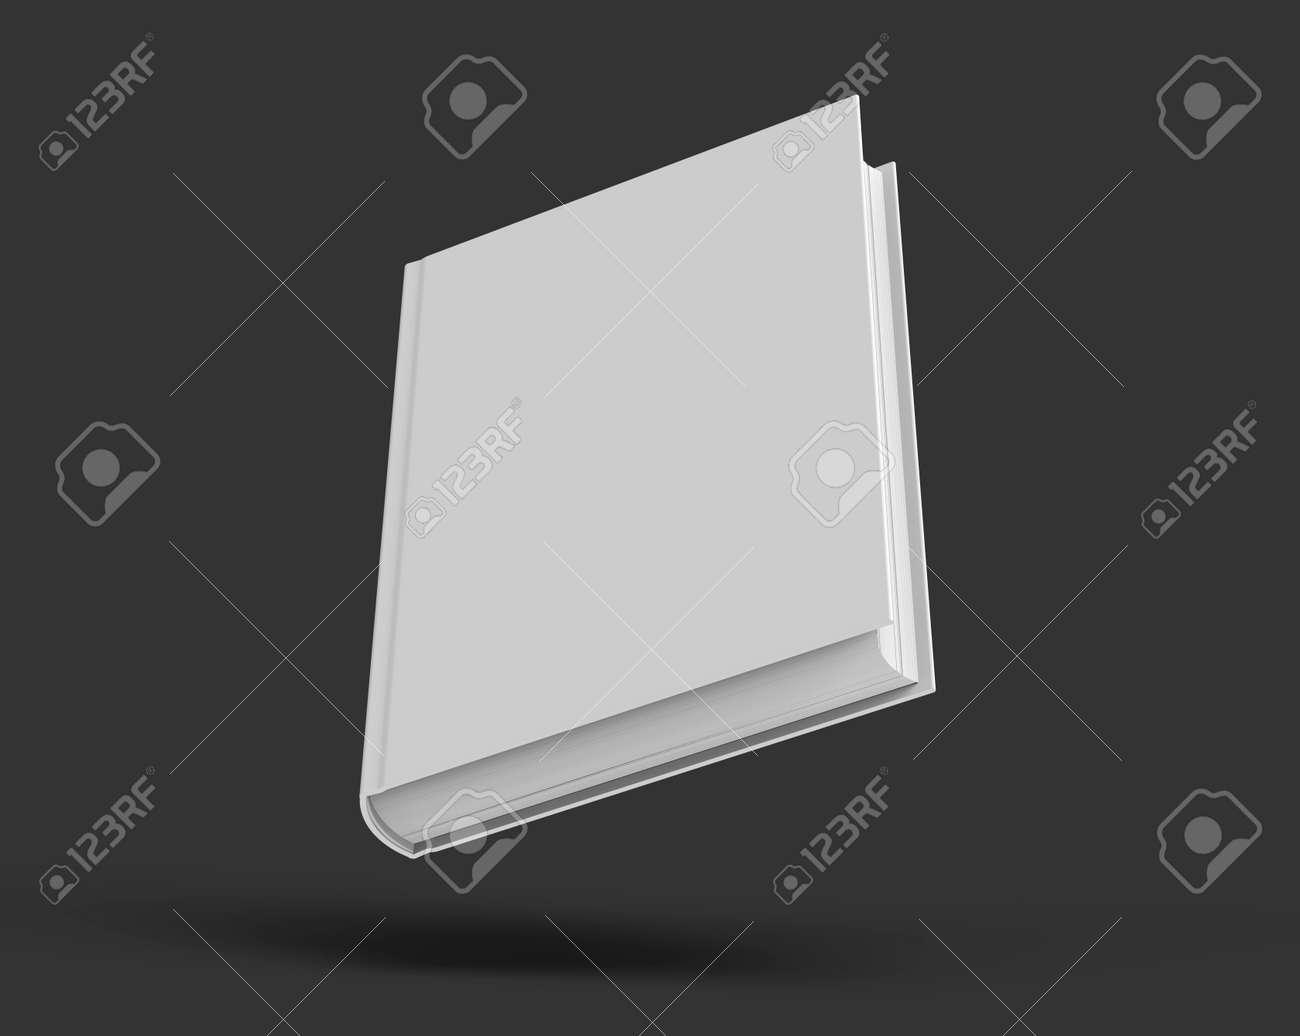 Modele De Livre En Couverture Rigide Couverture De Livre Vierge Flottant Dans L Air Pour La Conception Isolee Sur Fond Noir Rendu 3d